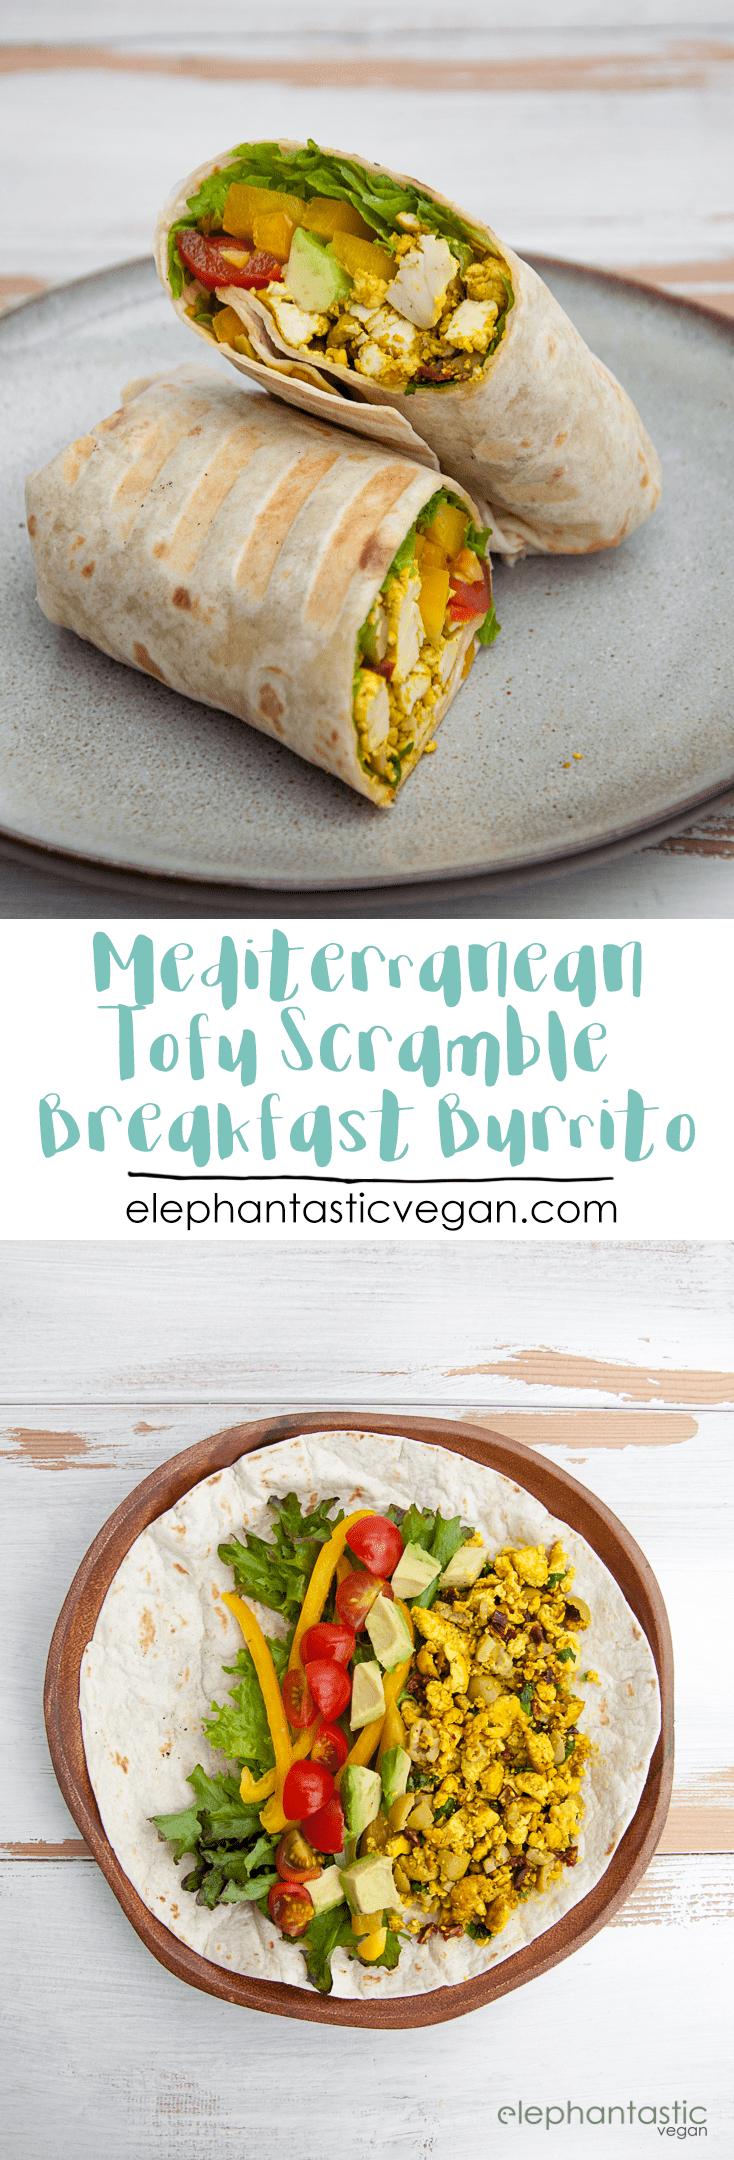 mediterranean tofu scramble breakfast burrito recipe elephantastic